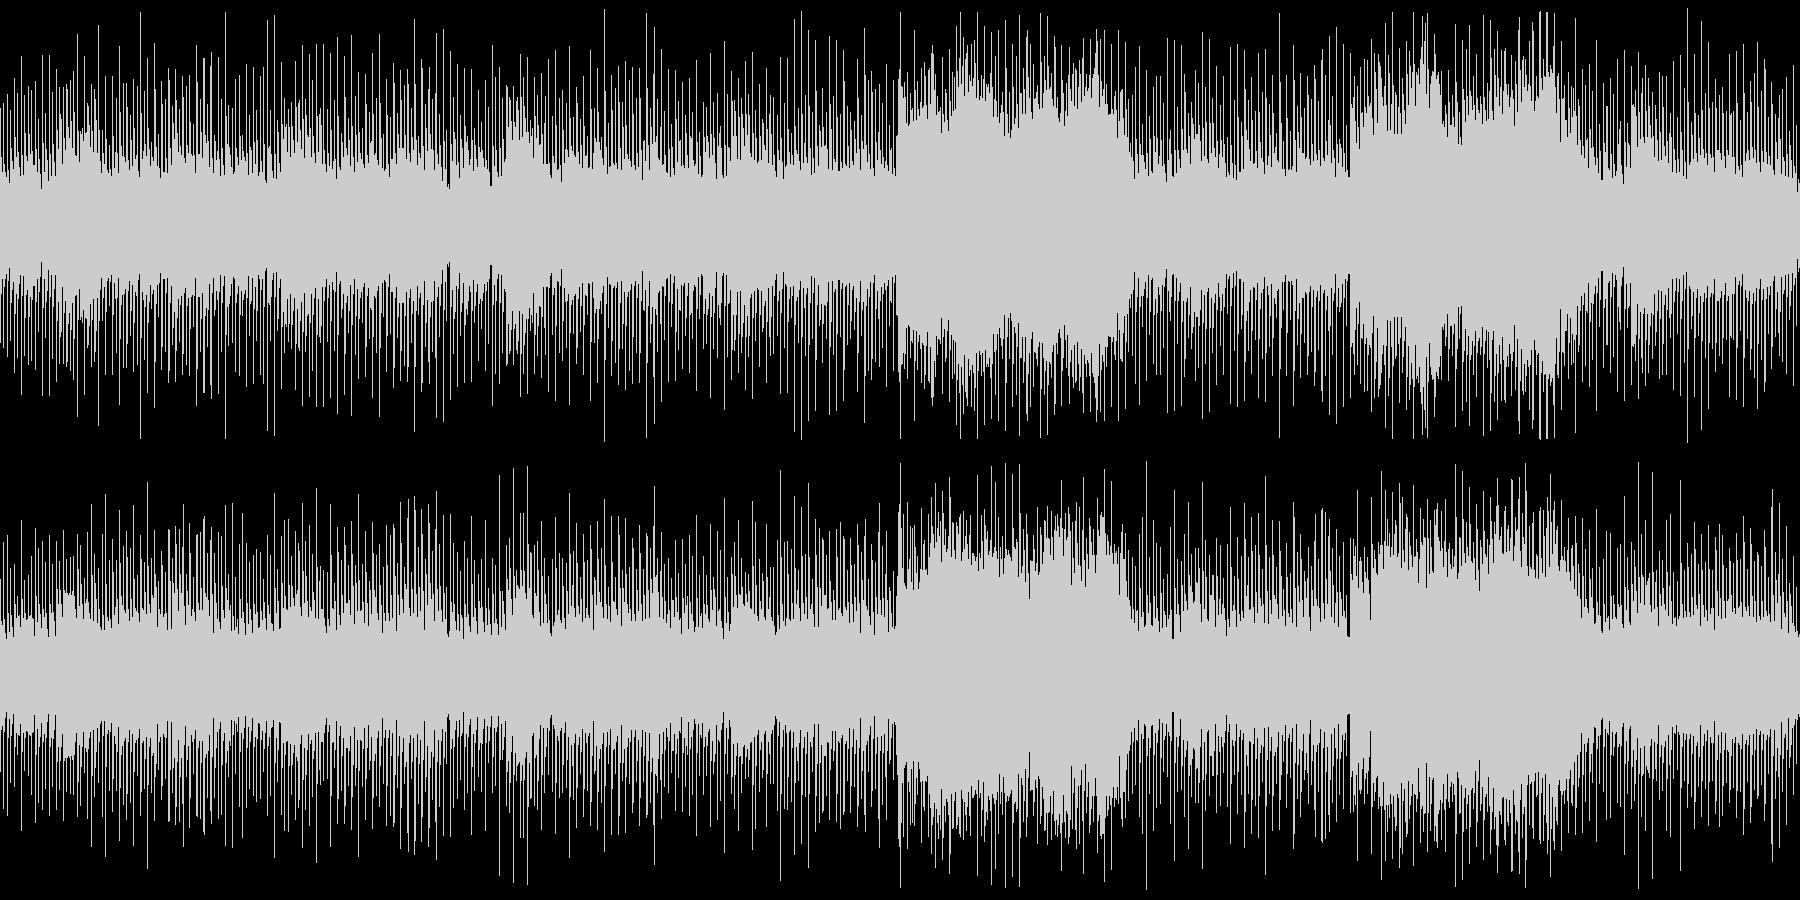 ホラー/オルゴール/緊張感/謎ミステリーの未再生の波形